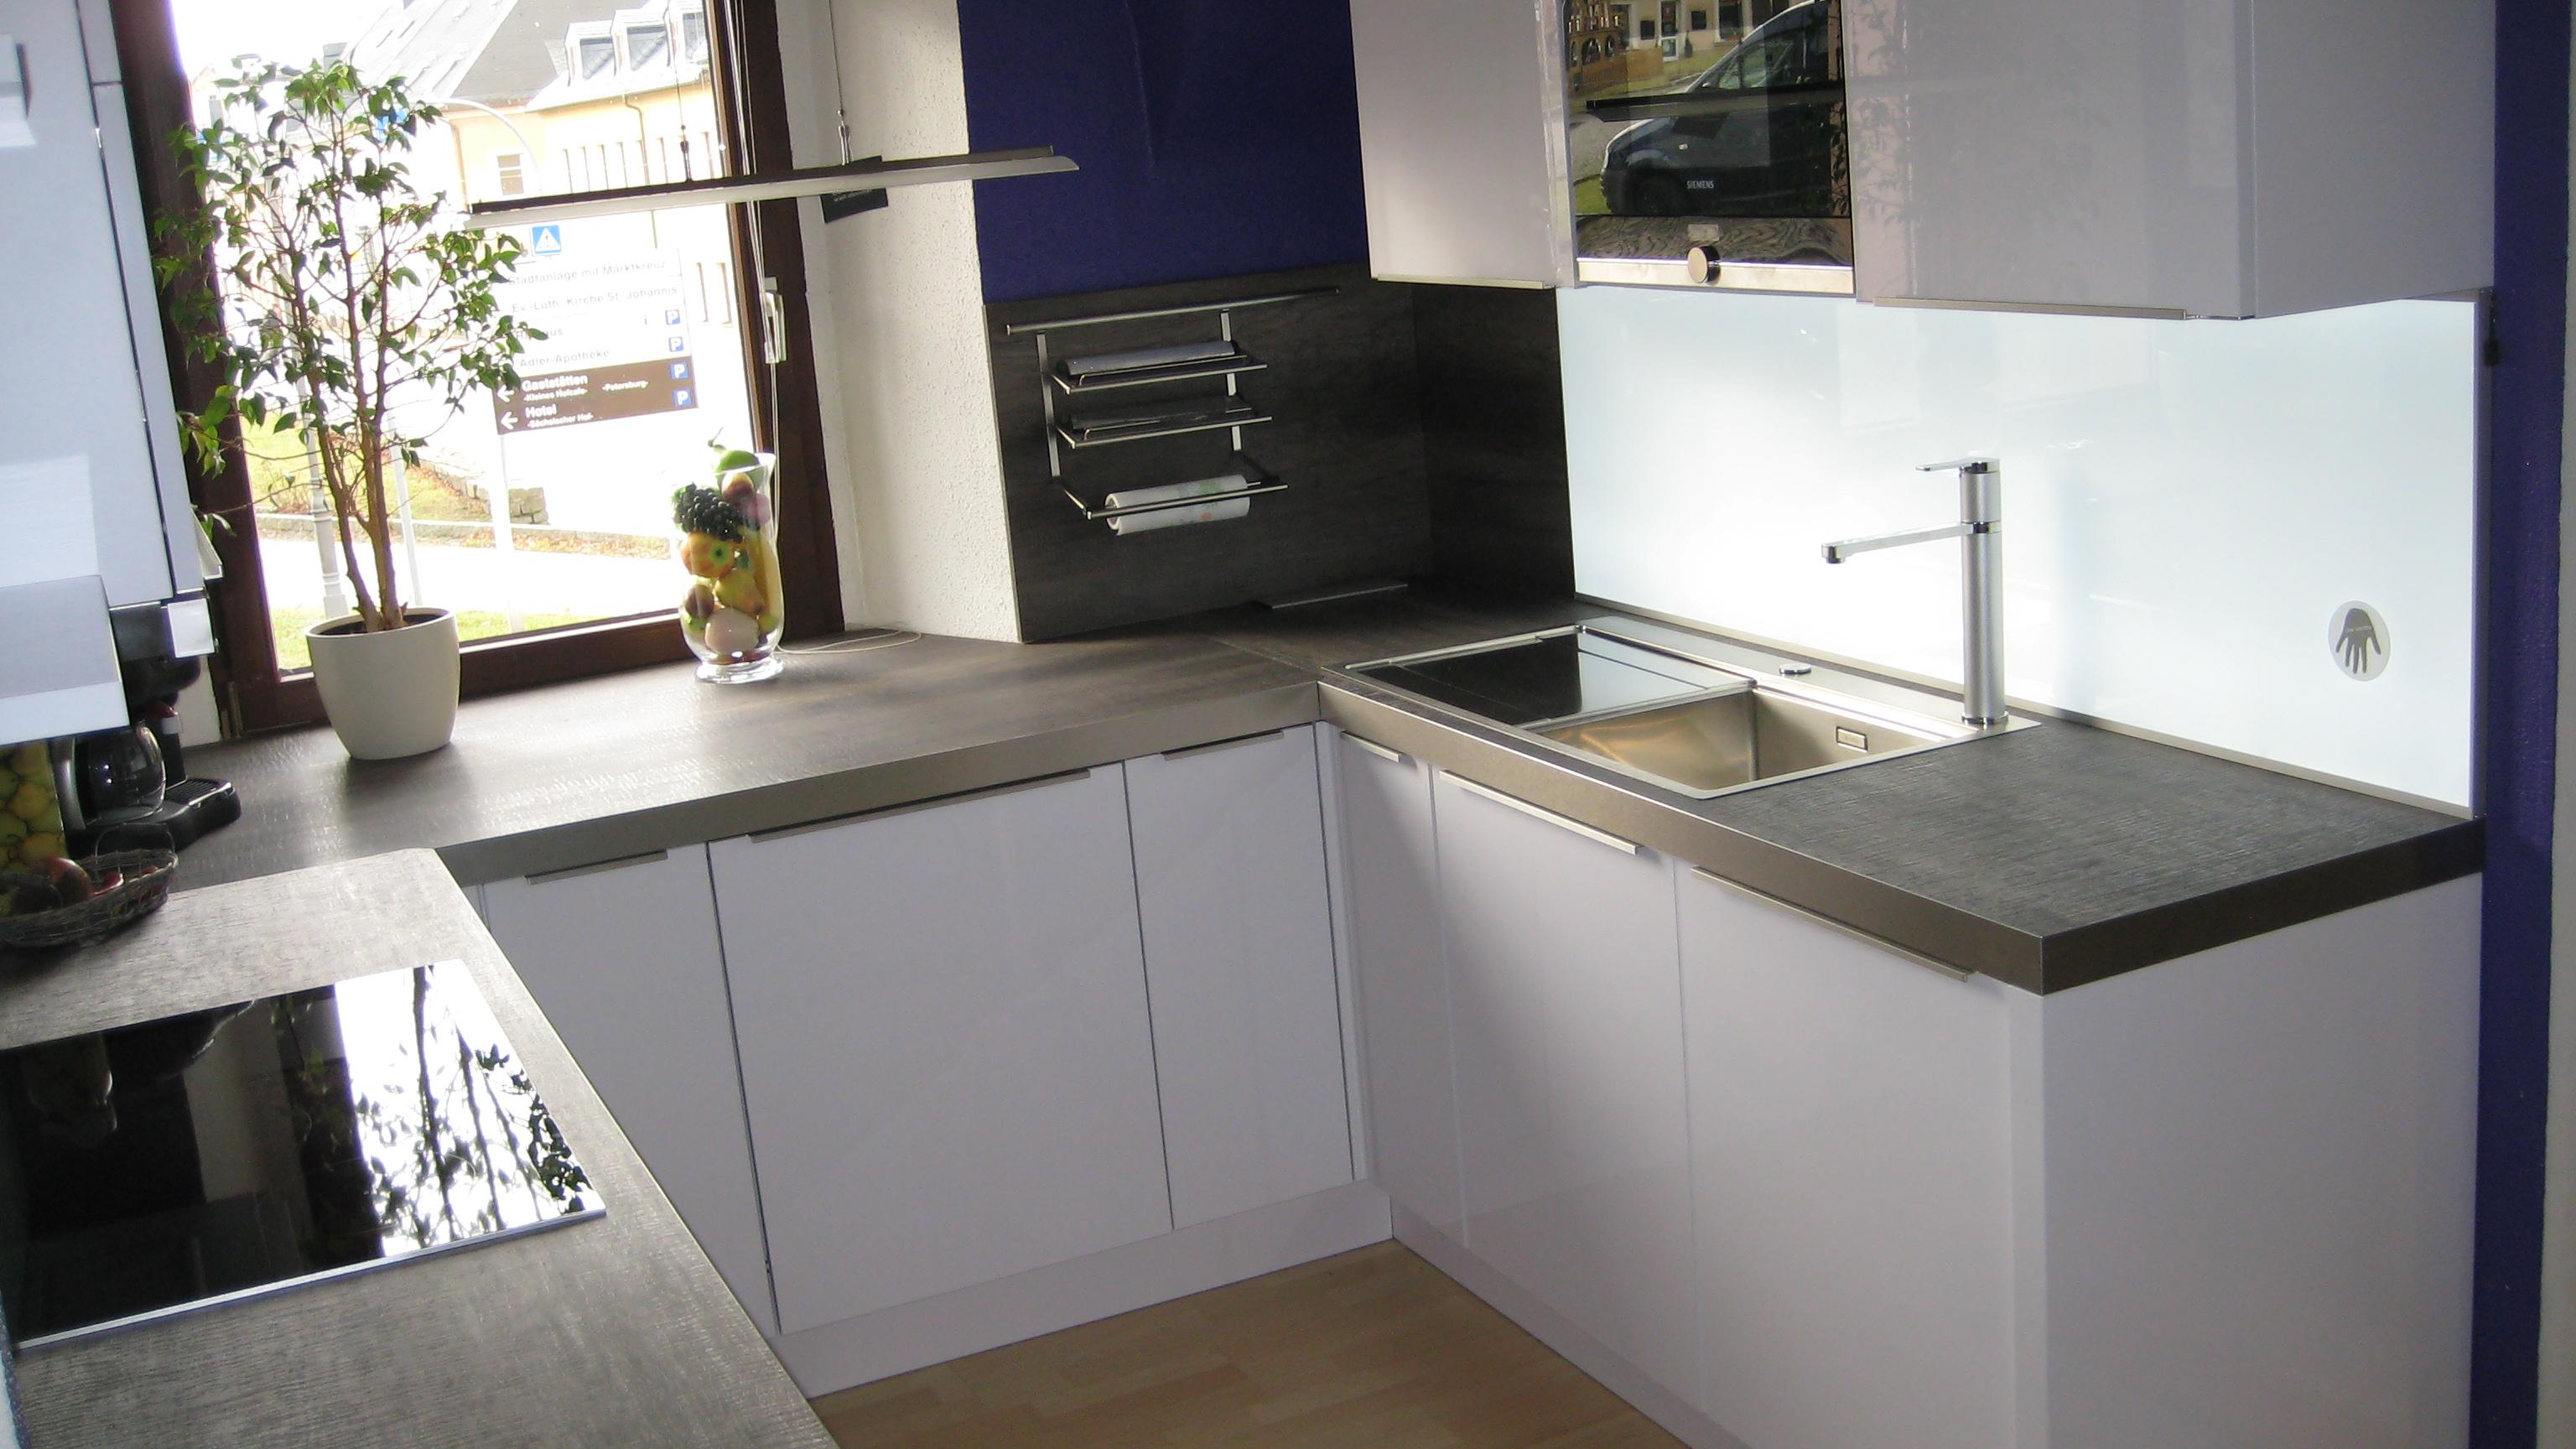 Ziemlich Vor Und Nach Bildern Von Umgebauten Küchen Zeitgenössisch ...